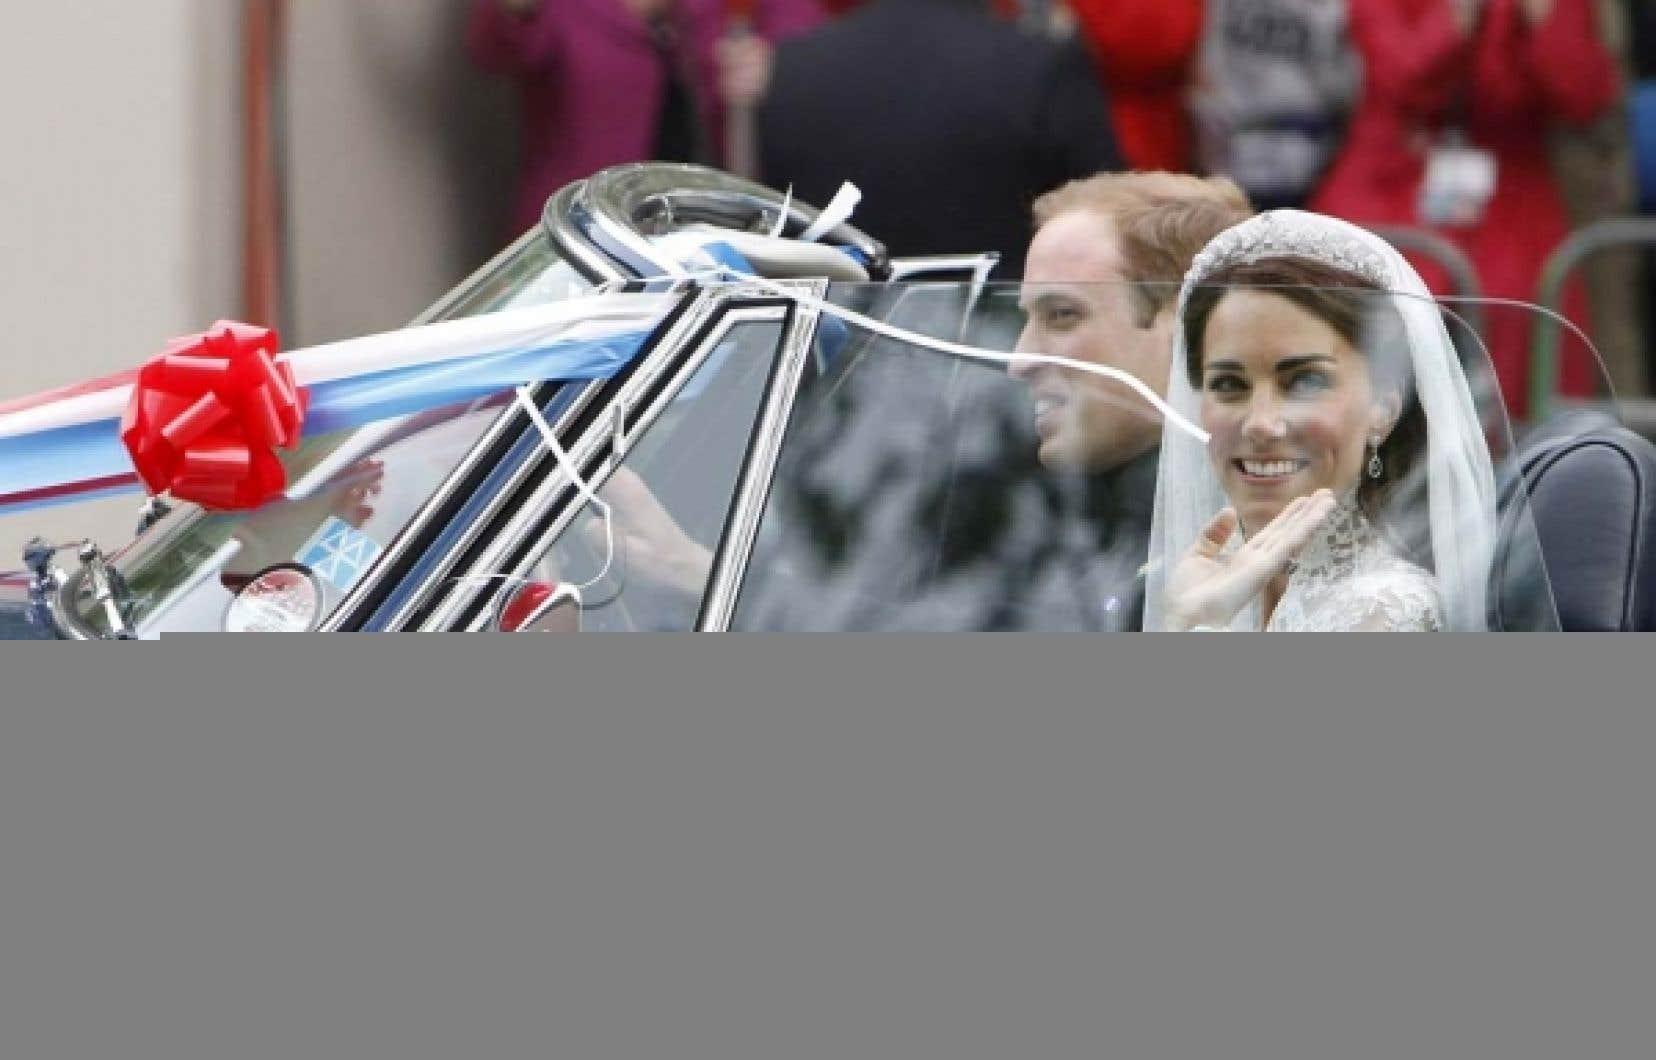 Amir Khadir a comparé la visite du couple royal à une tournée de cirque.